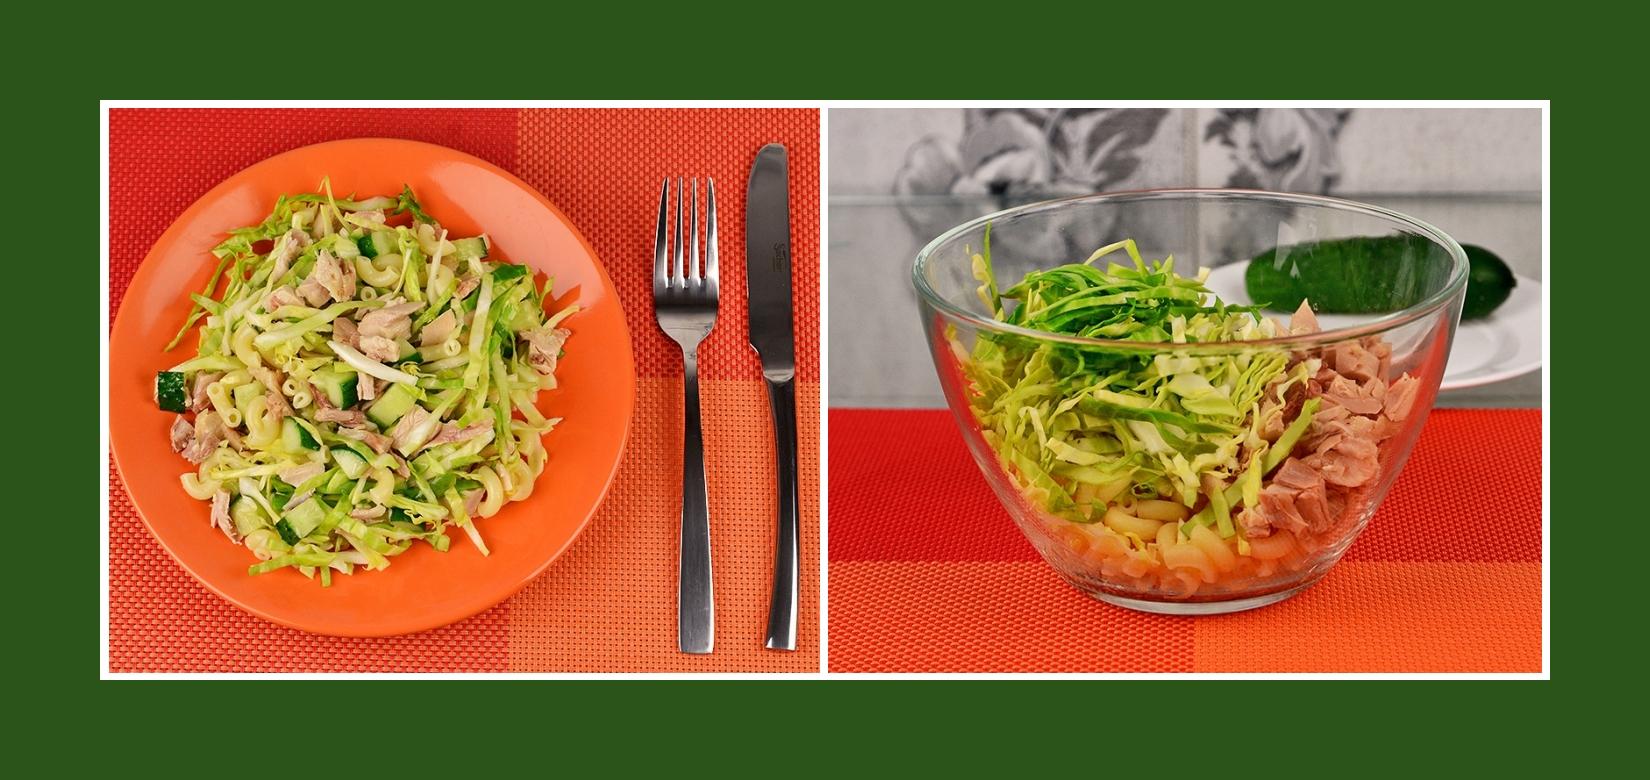 Nudelsalat mit Geflügel und Frühkraut Weißkohl